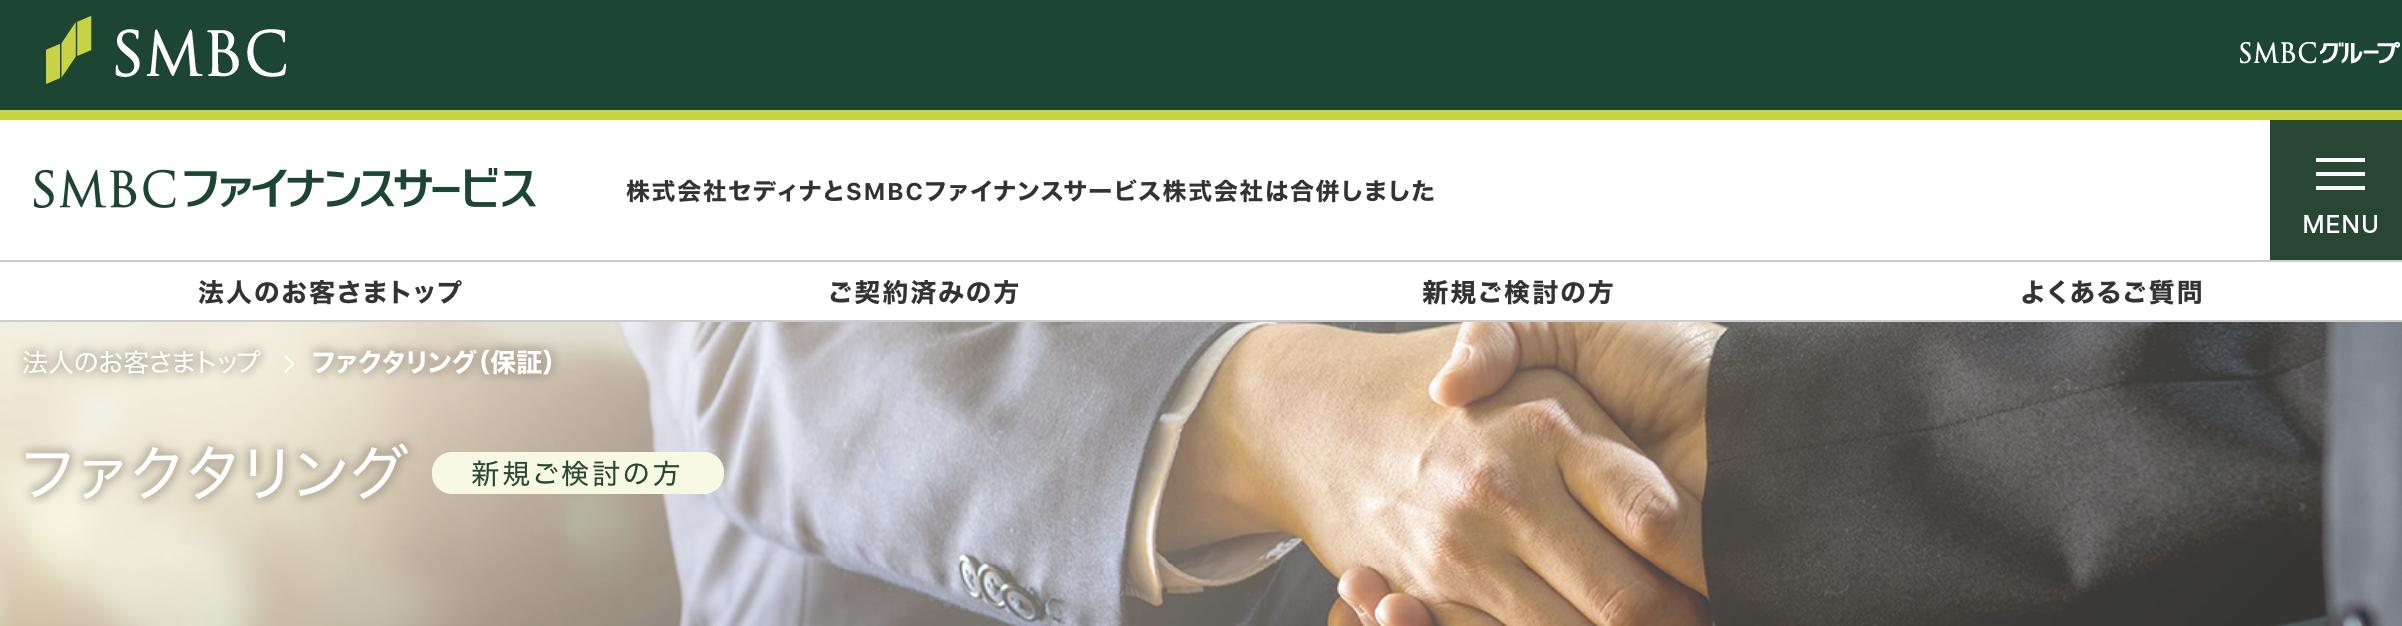 ファクタリング 京都・神戸・大阪 関西